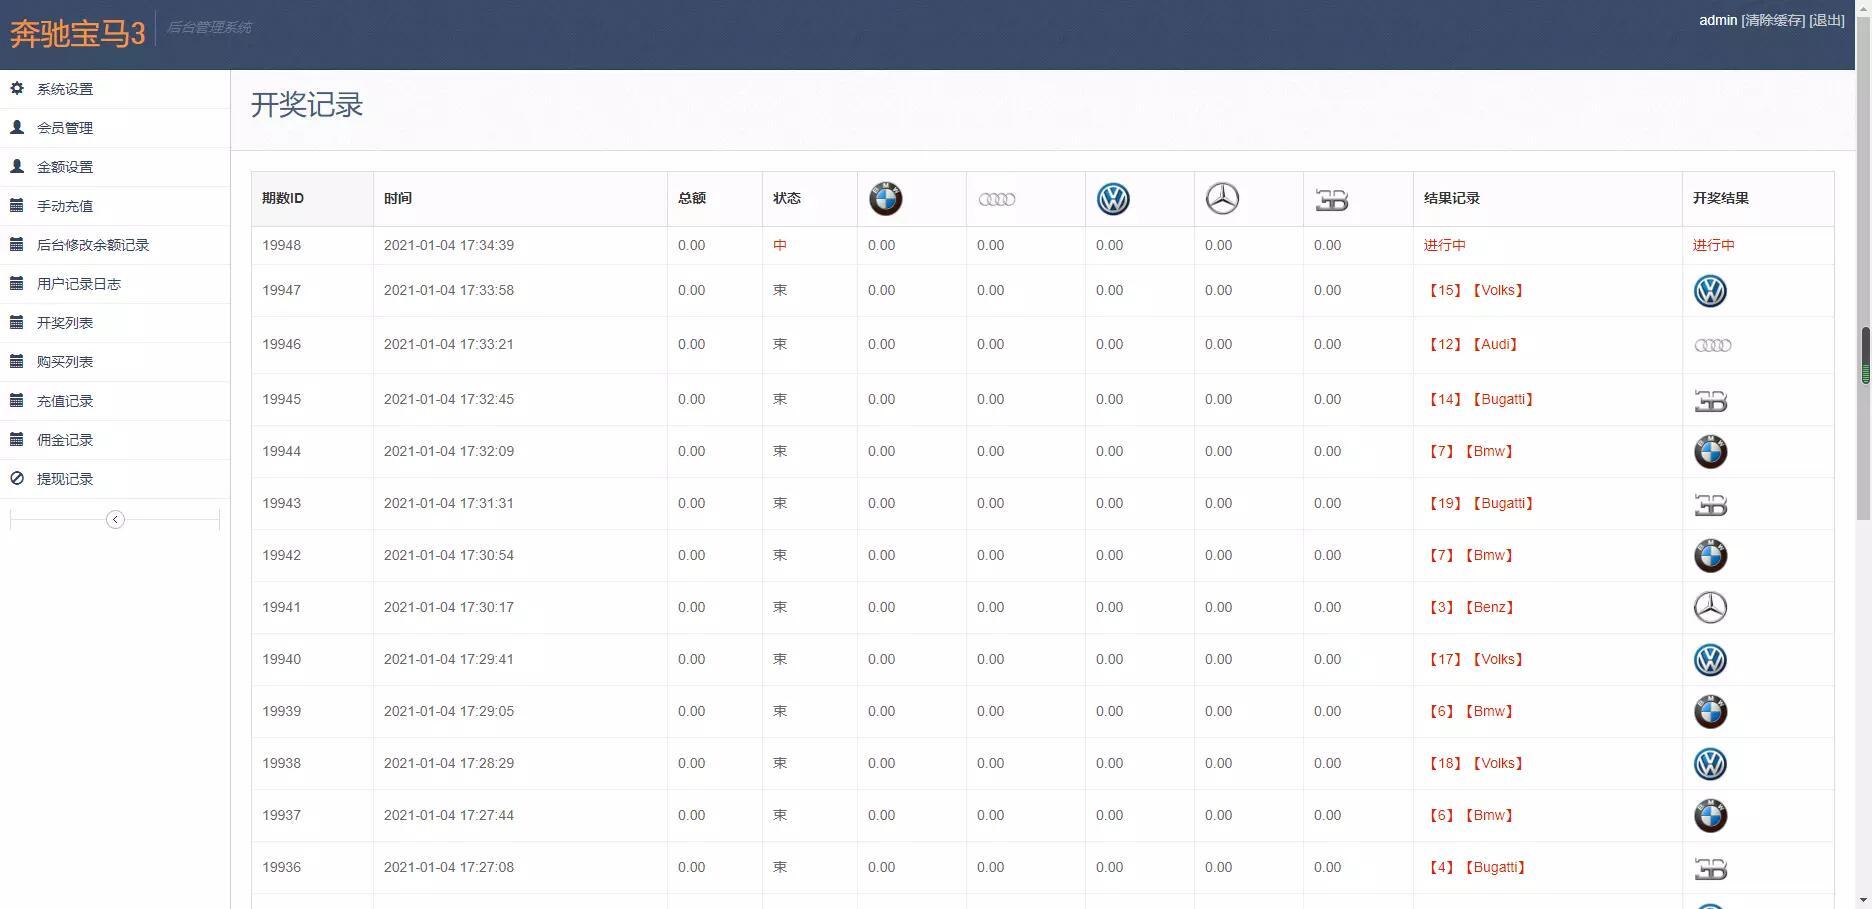 【亲测】H5奔驰宝马完整最新修复运营级源码 推广正常+上下级正常 支持无限回调 已对接支付-第5张